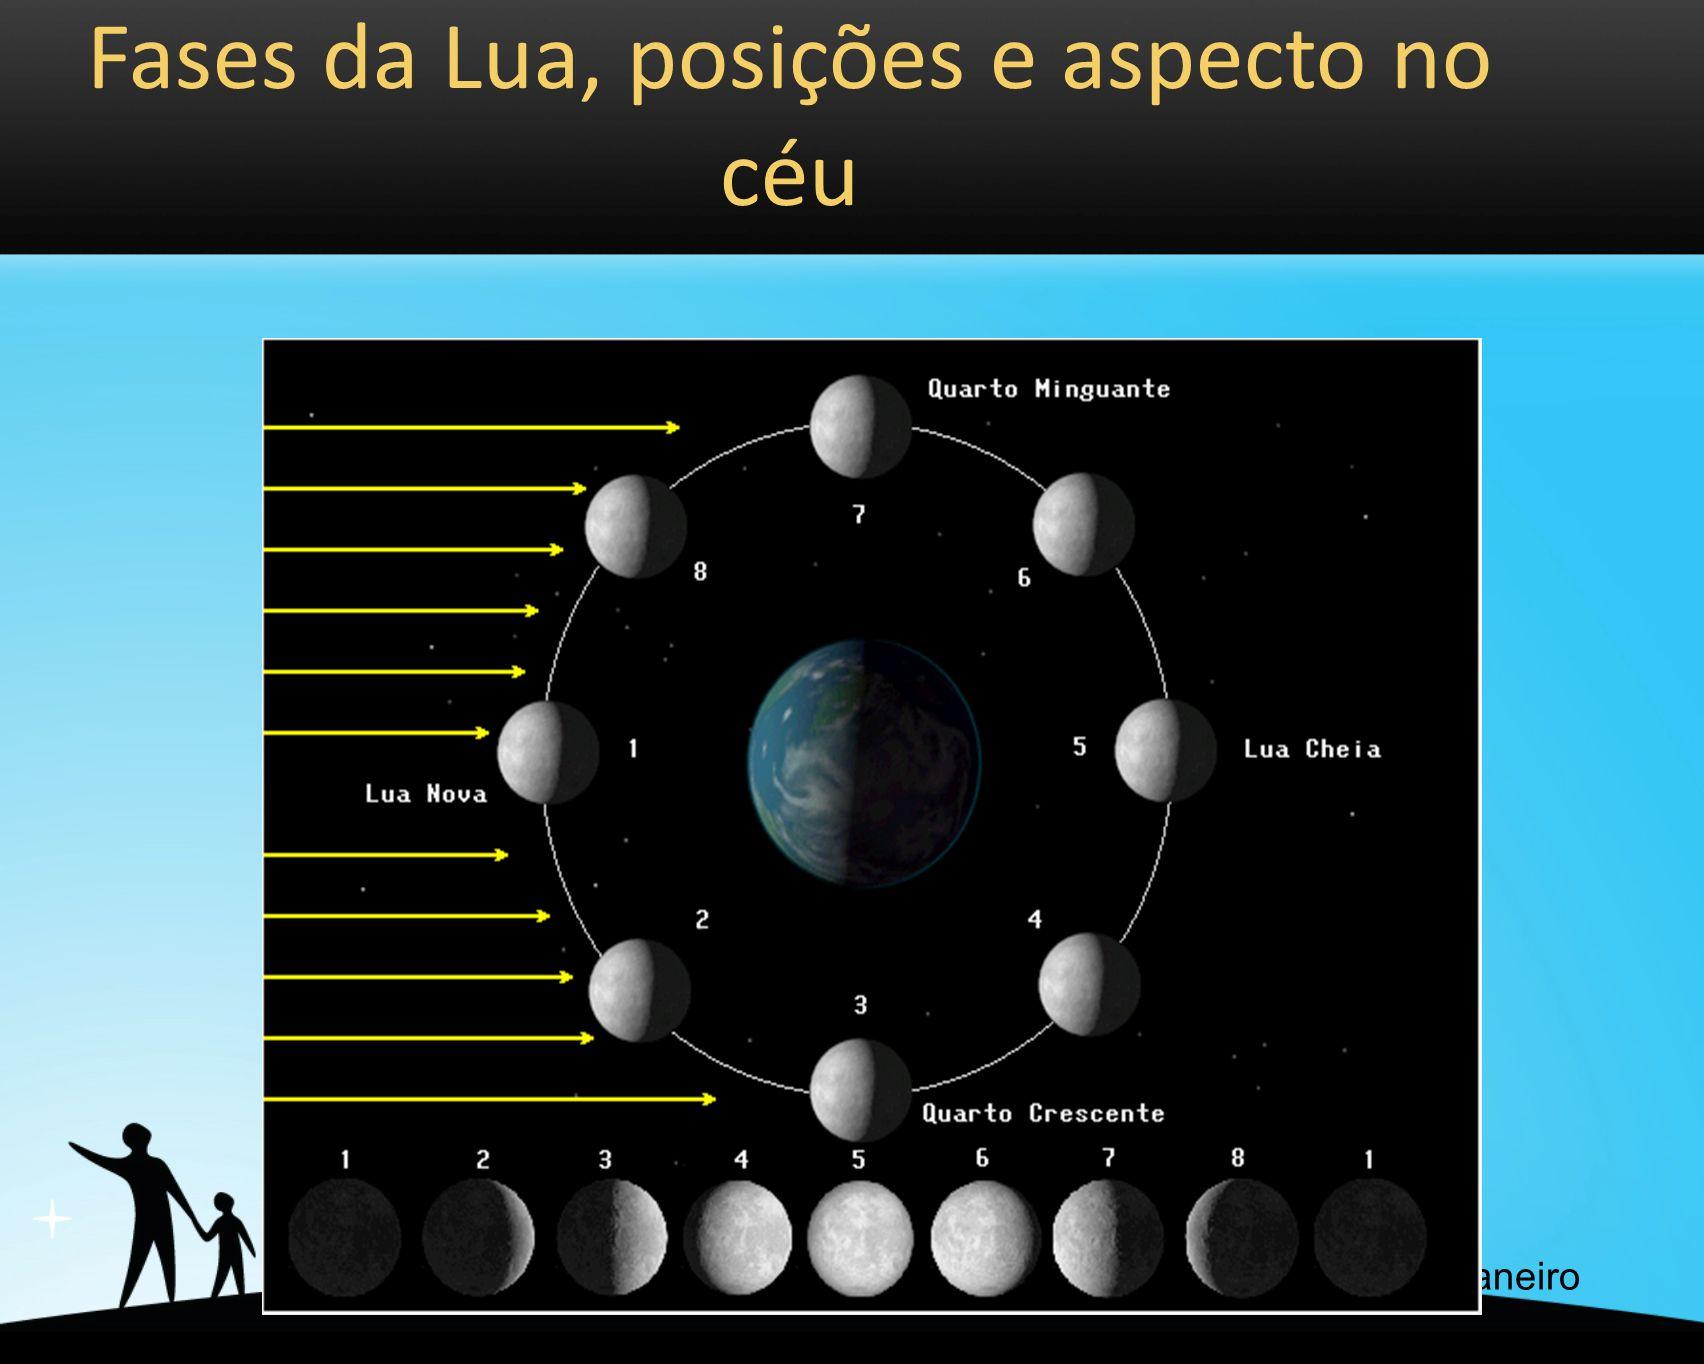 Fases da Lua, posições e aspecto no céu Crédito da imagem: Planetário do Rio de Janeiro